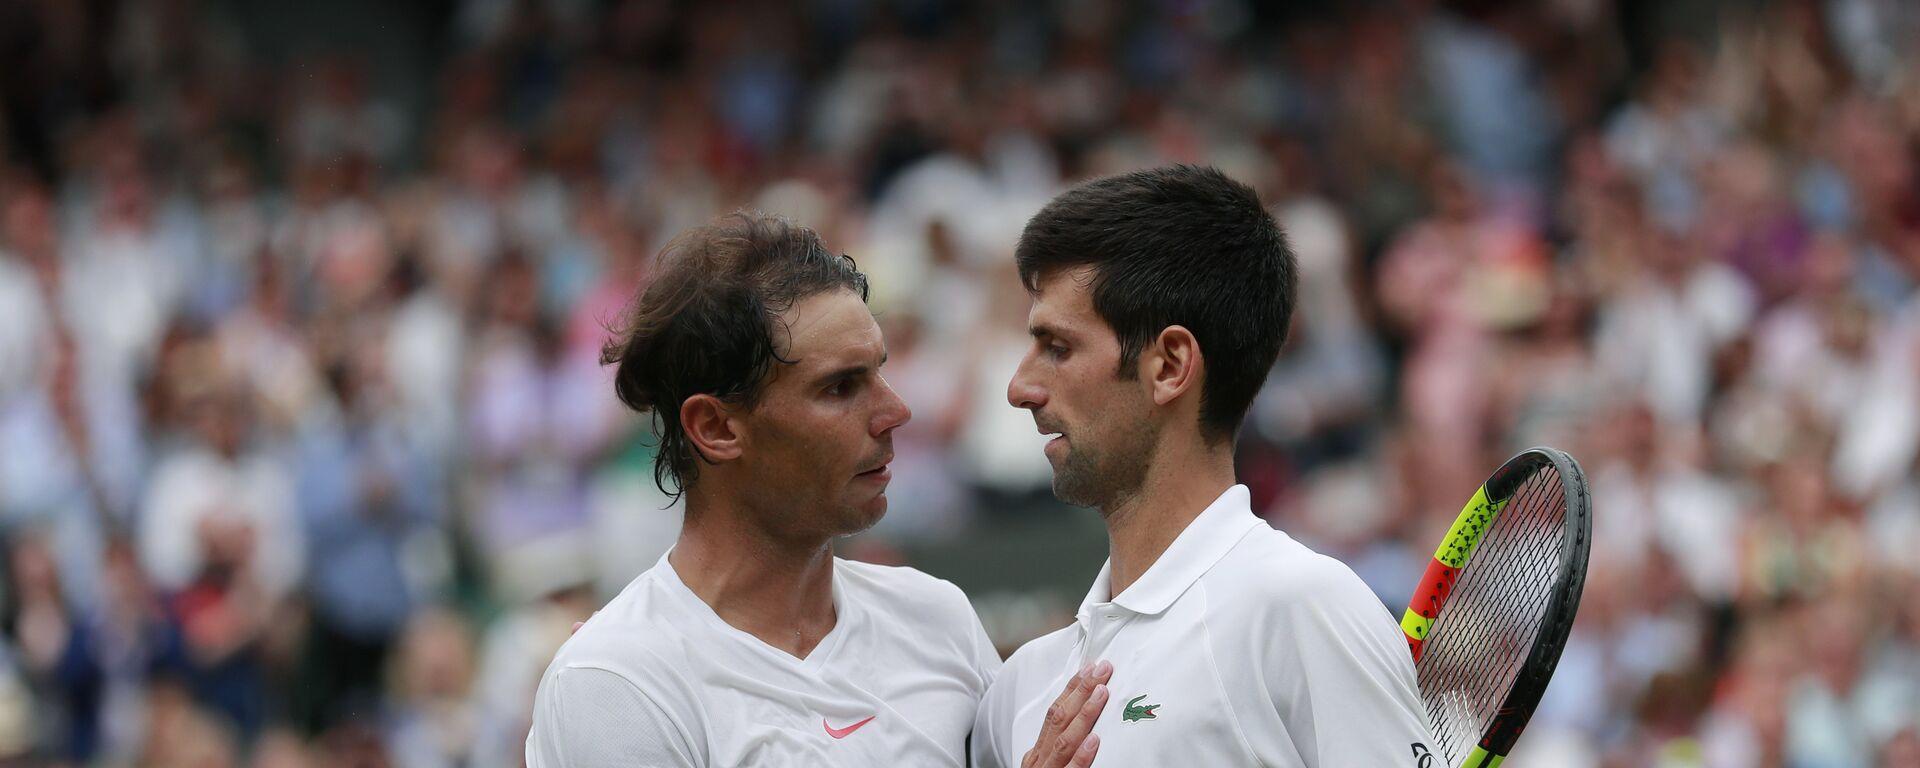 Rafaerl Nadal i Novak Đoković - Sputnik Srbija, 1920, 26.02.2021